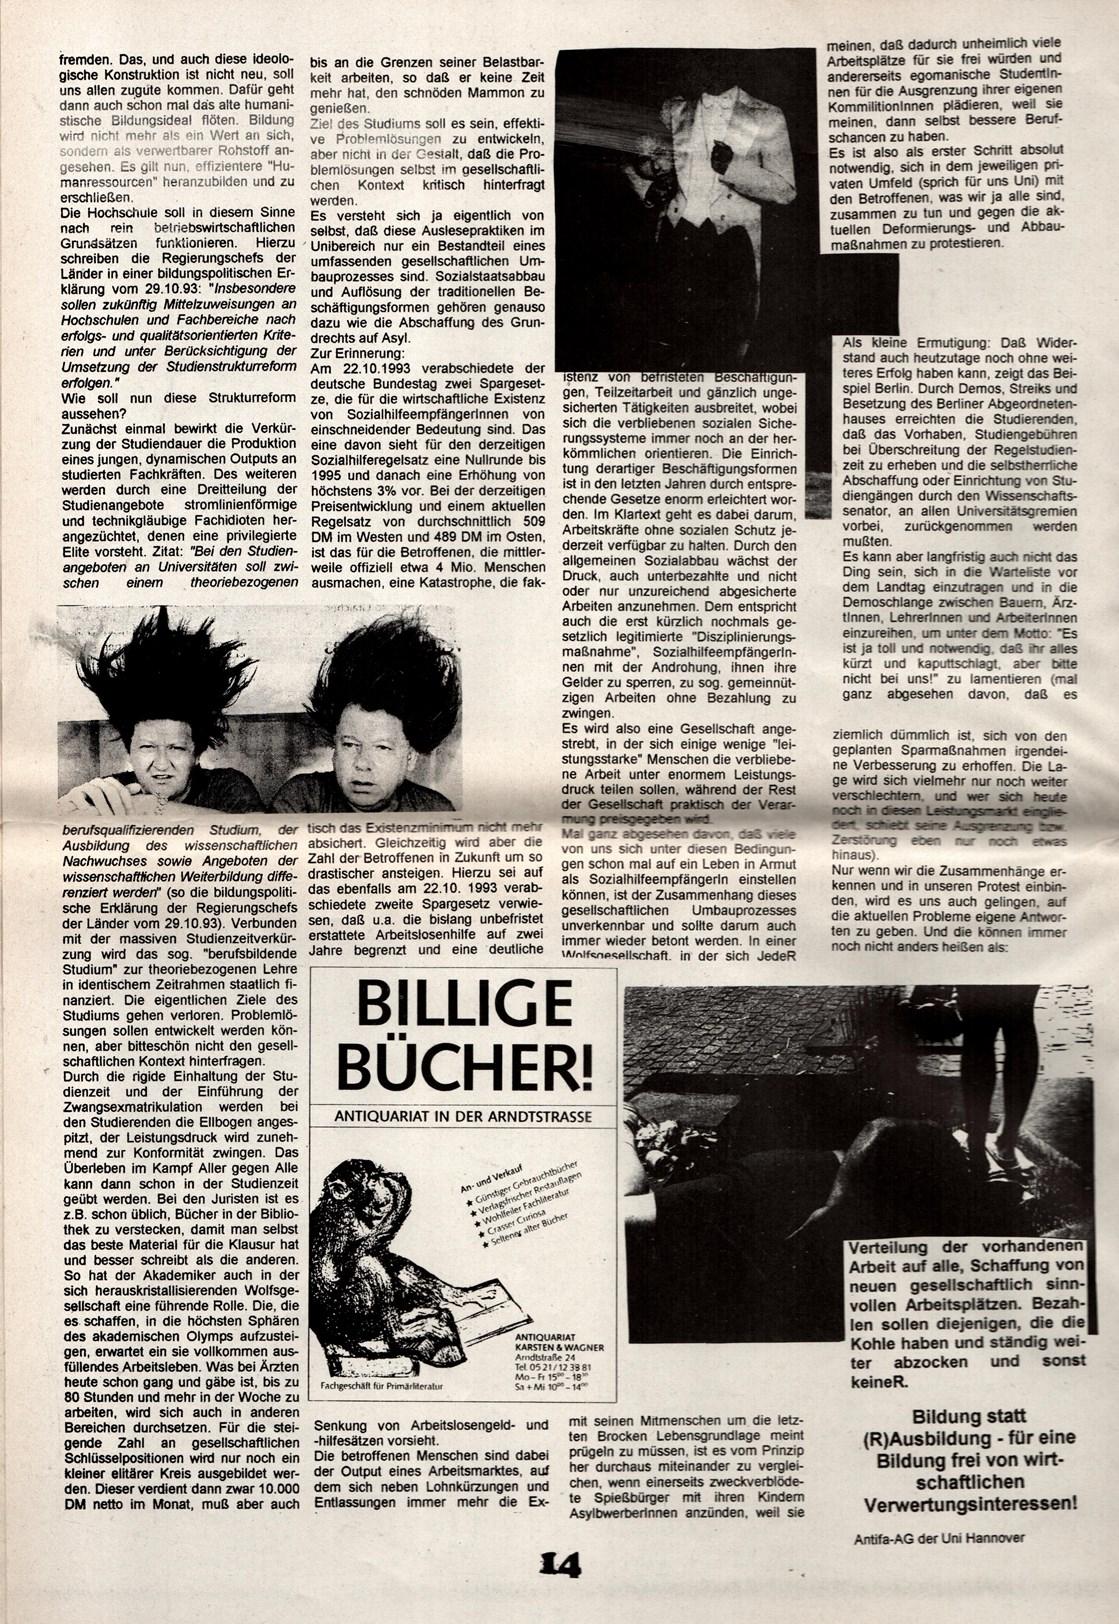 Bielefeld_Barrio_19940200_16_014